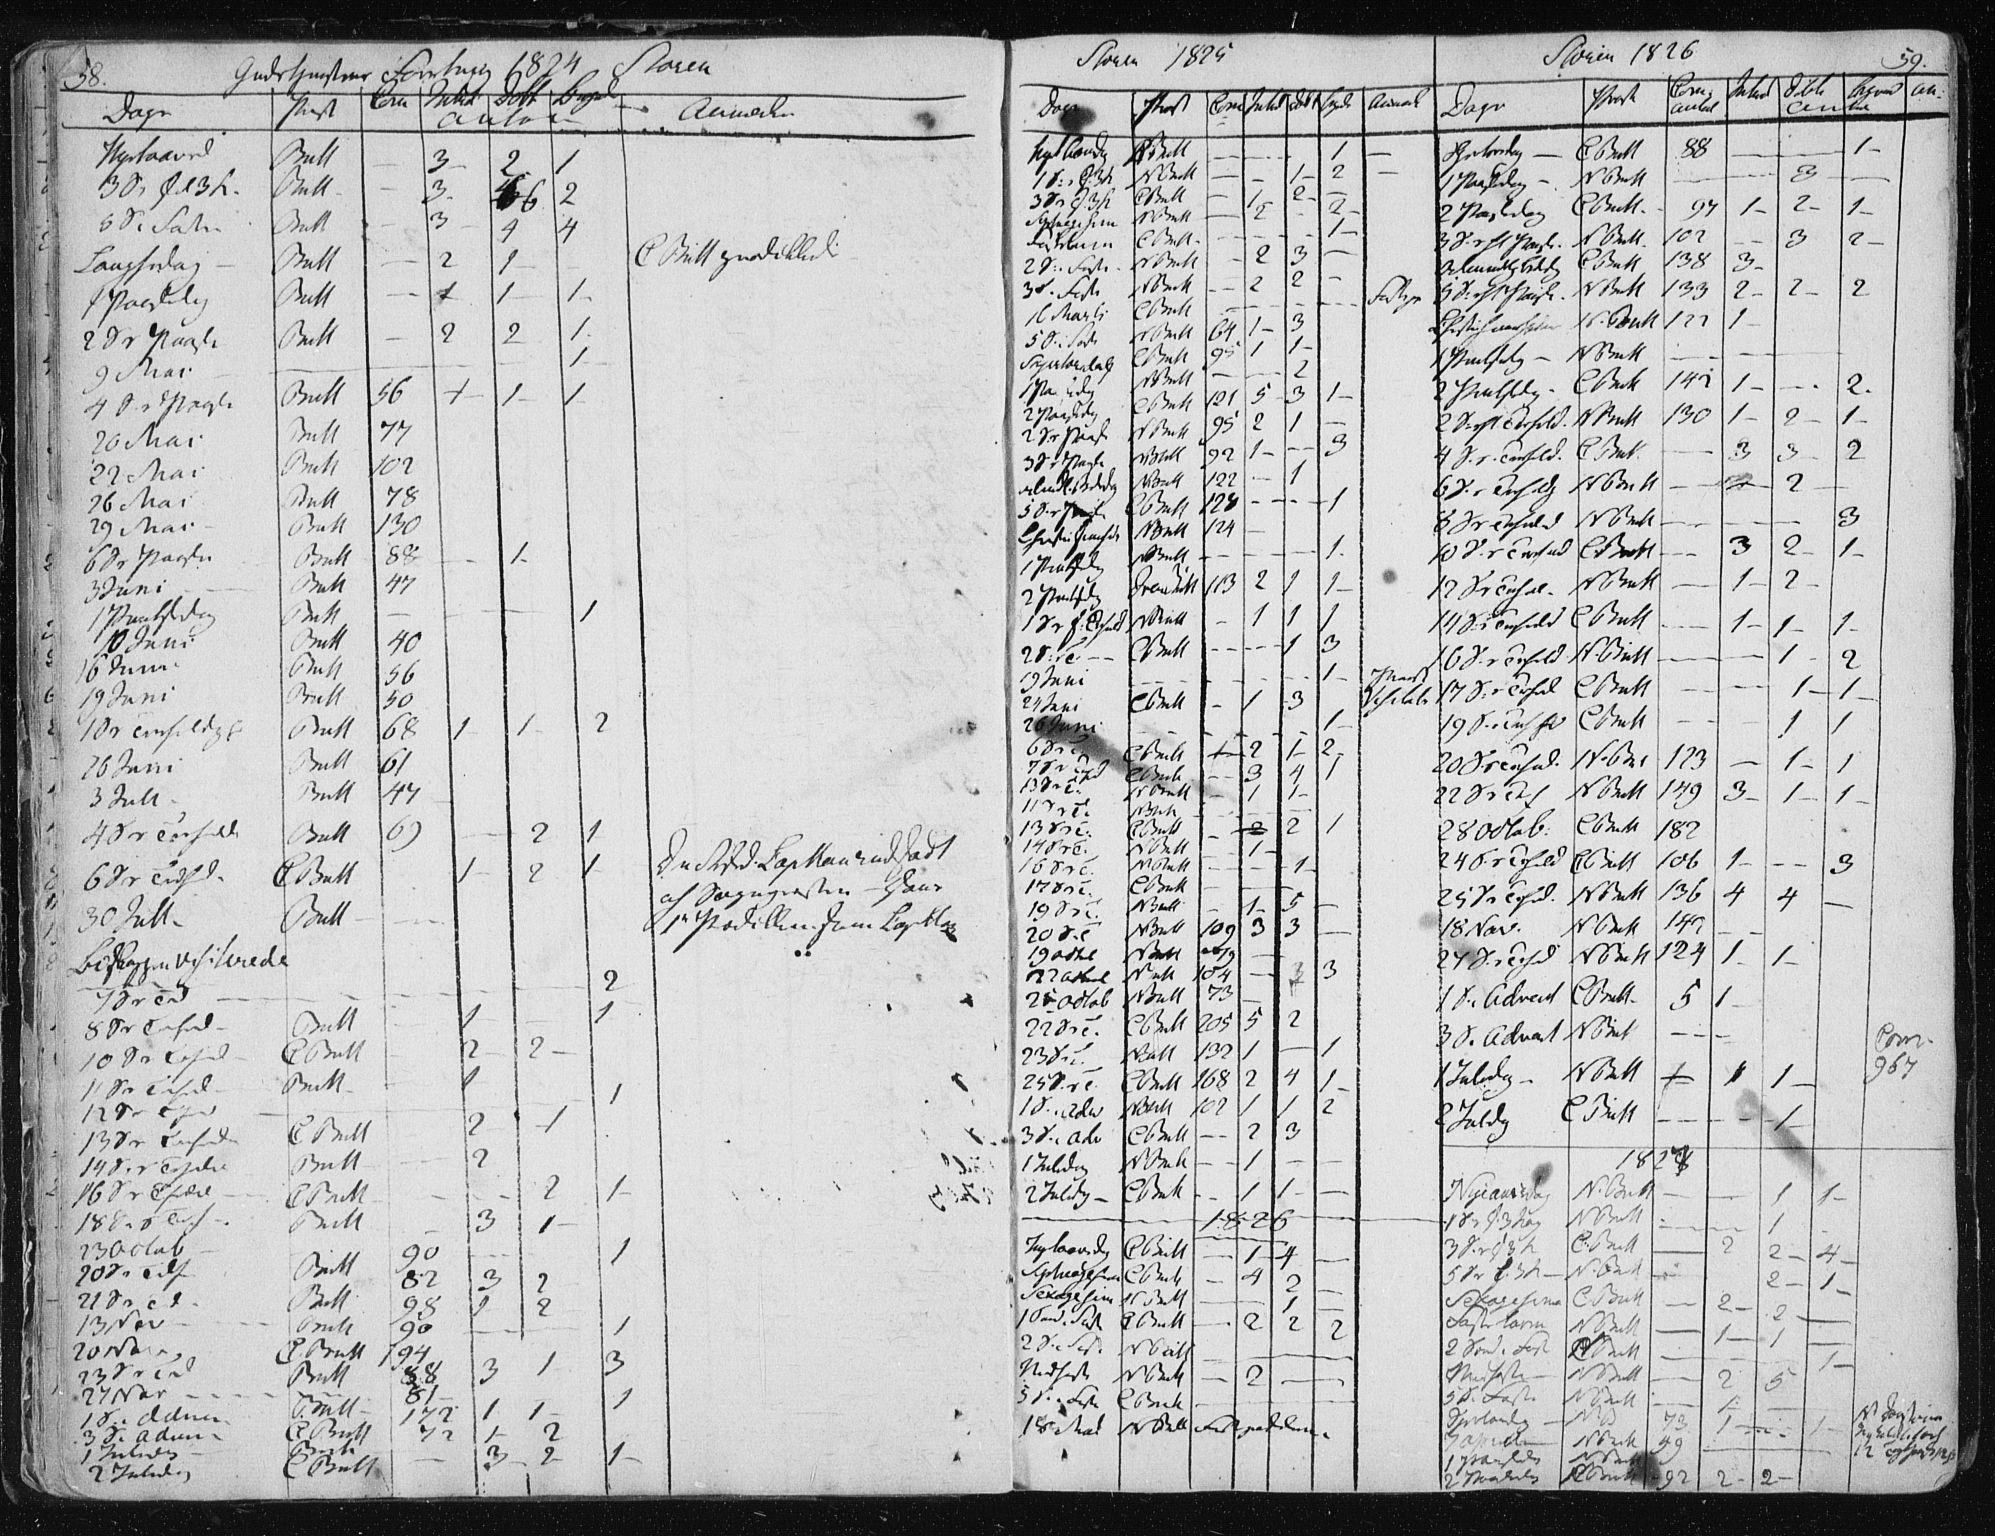 SAT, Ministerialprotokoller, klokkerbøker og fødselsregistre - Sør-Trøndelag, 687/L0992: Ministerialbok nr. 687A03 /1, 1788-1815, s. 58-59